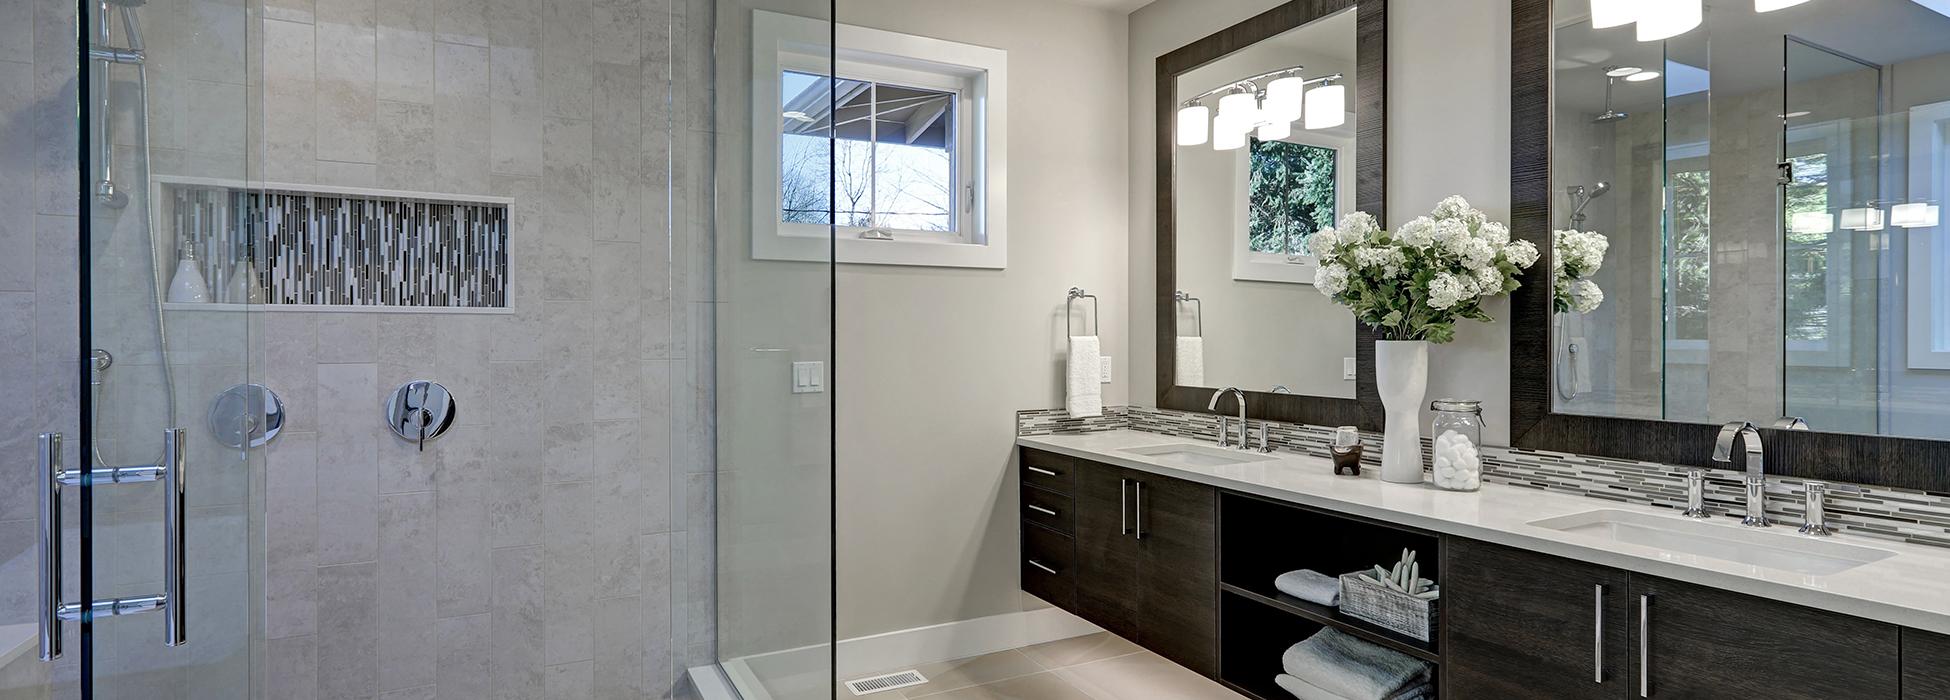 aménagement d'intérieur salle de bains moderne